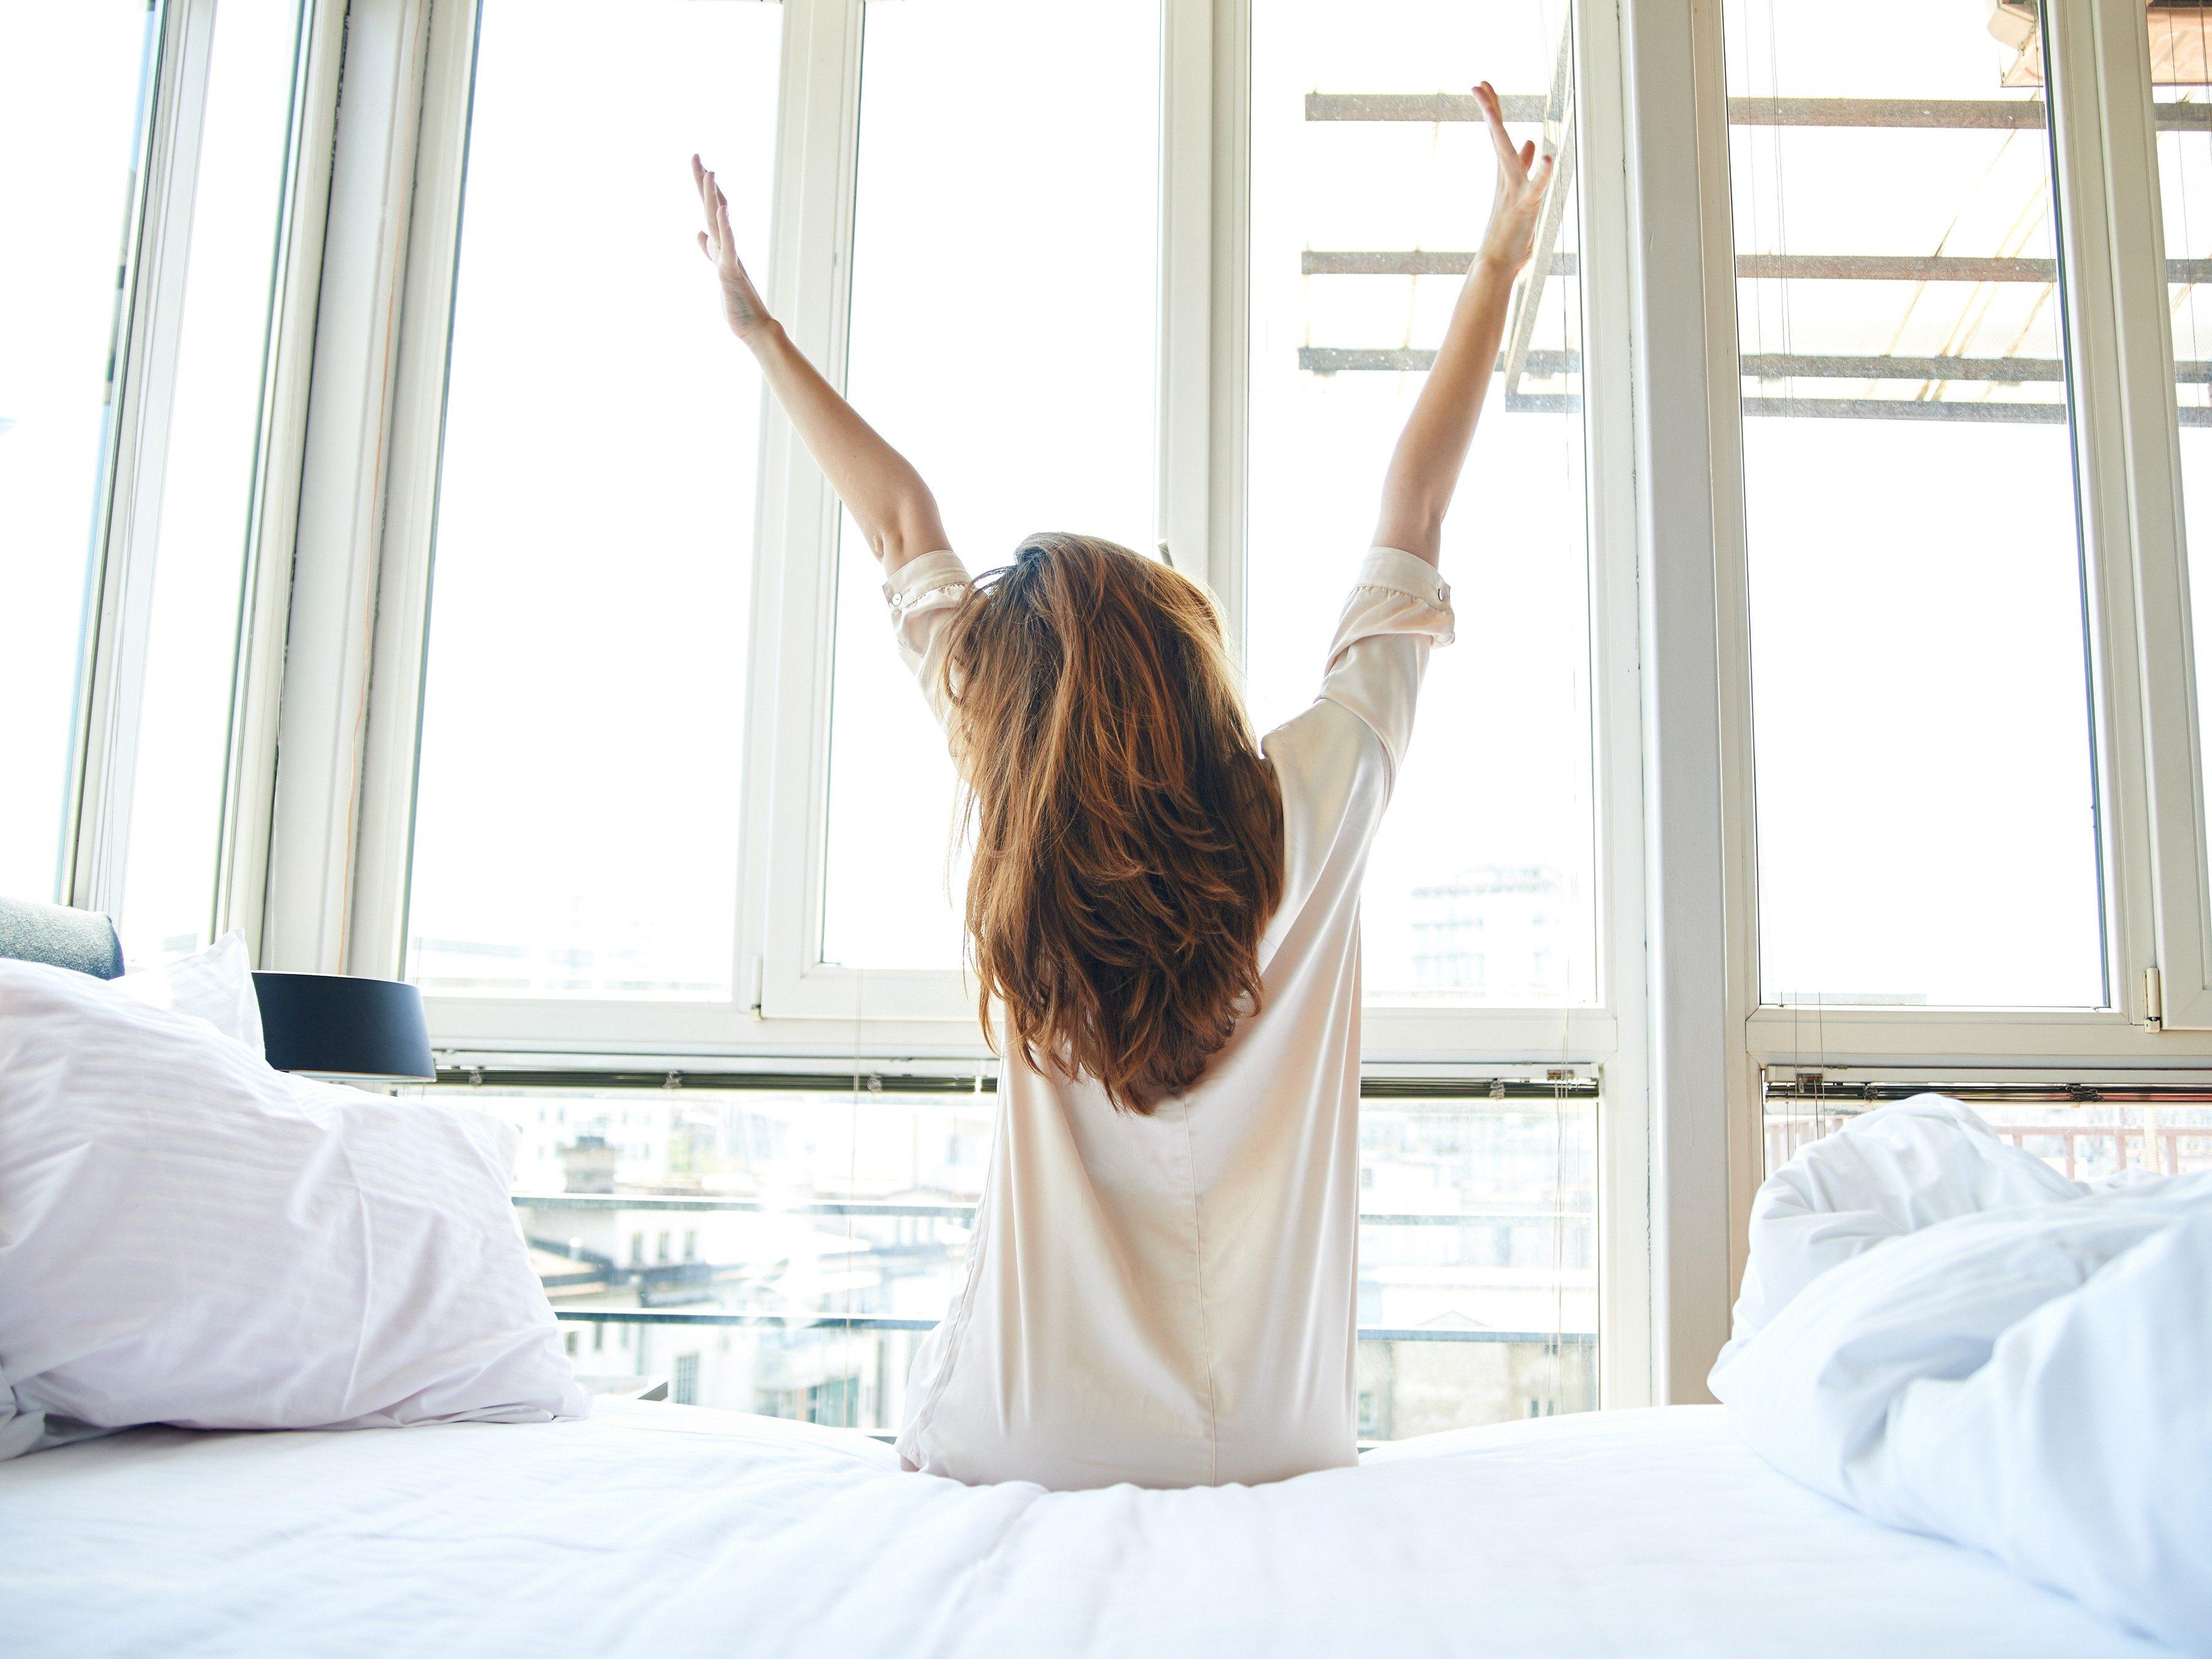 2. Get a better sleep by keeping a regular sleep schedule